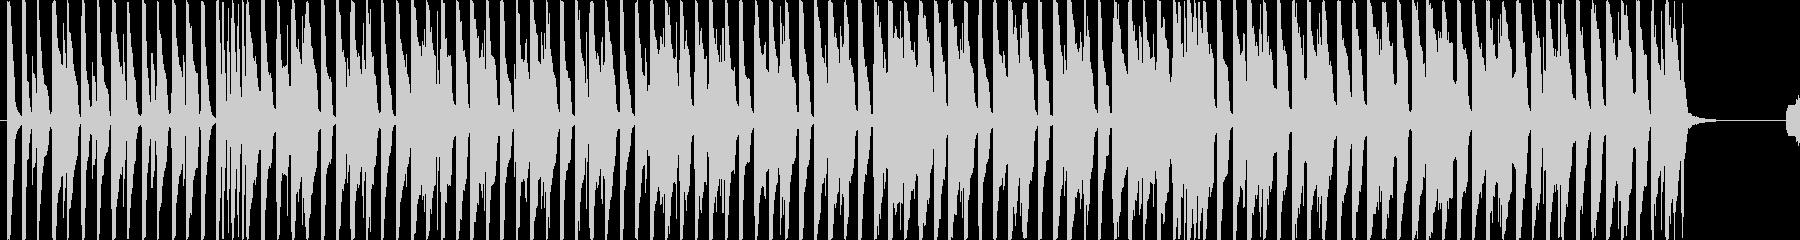 明るいポップBGM(60ver)の未再生の波形